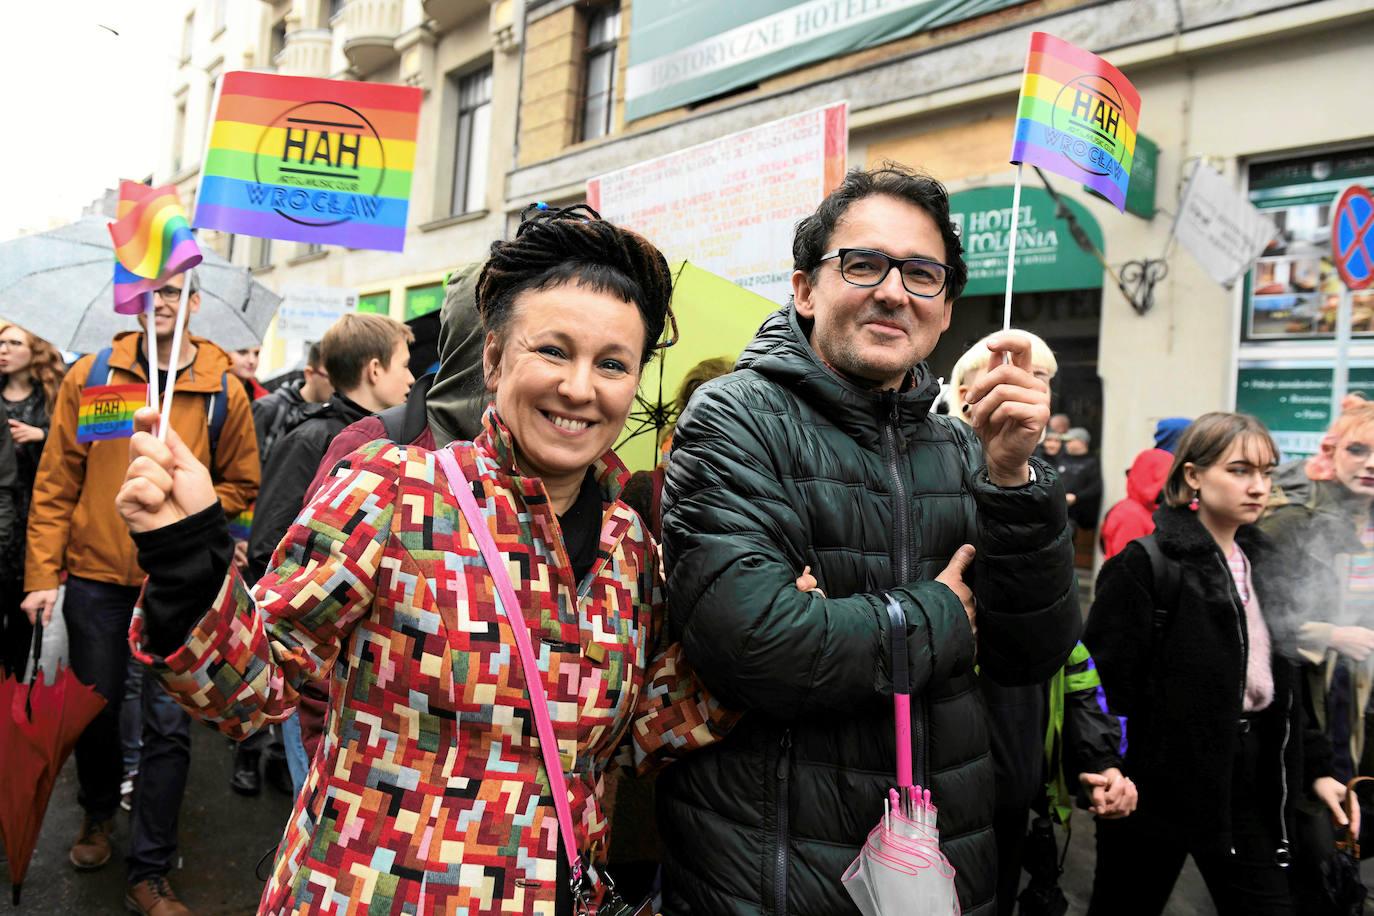 Olga Tokarczuk, entre el humor y las amenazas de la extrema derecha